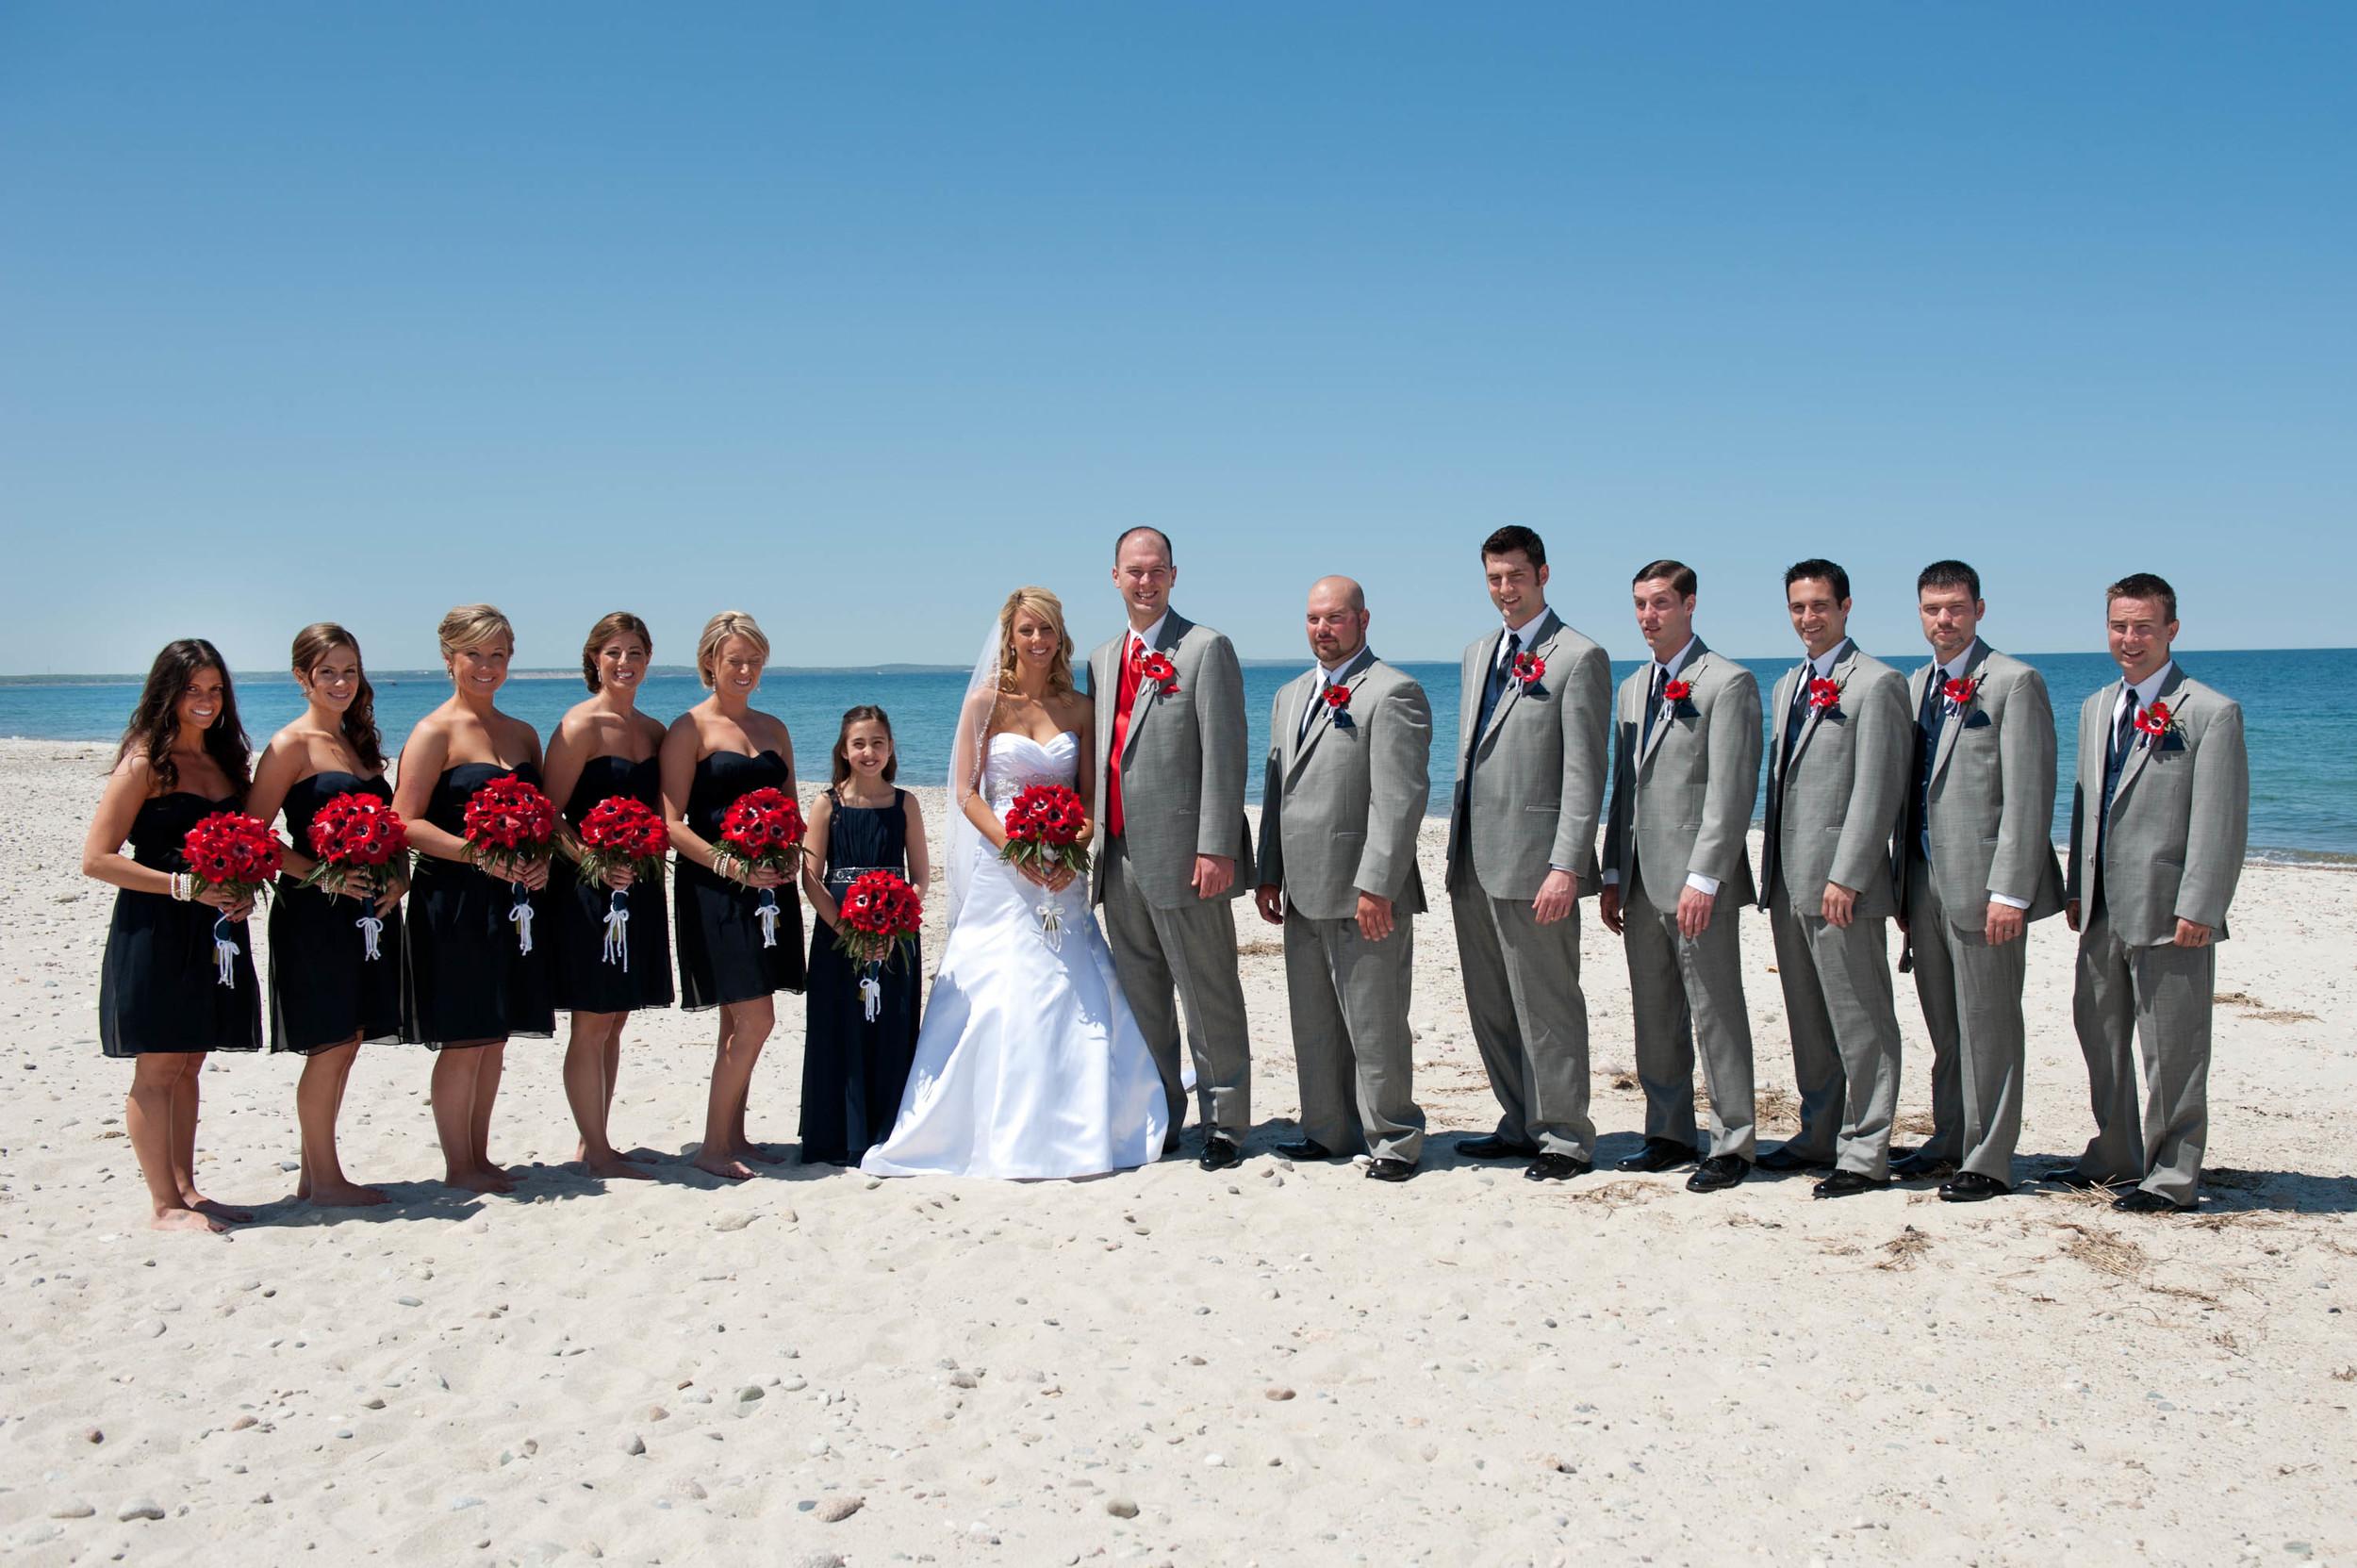 Ridge_Club_Cape_Cod_Wedding-11.jpg